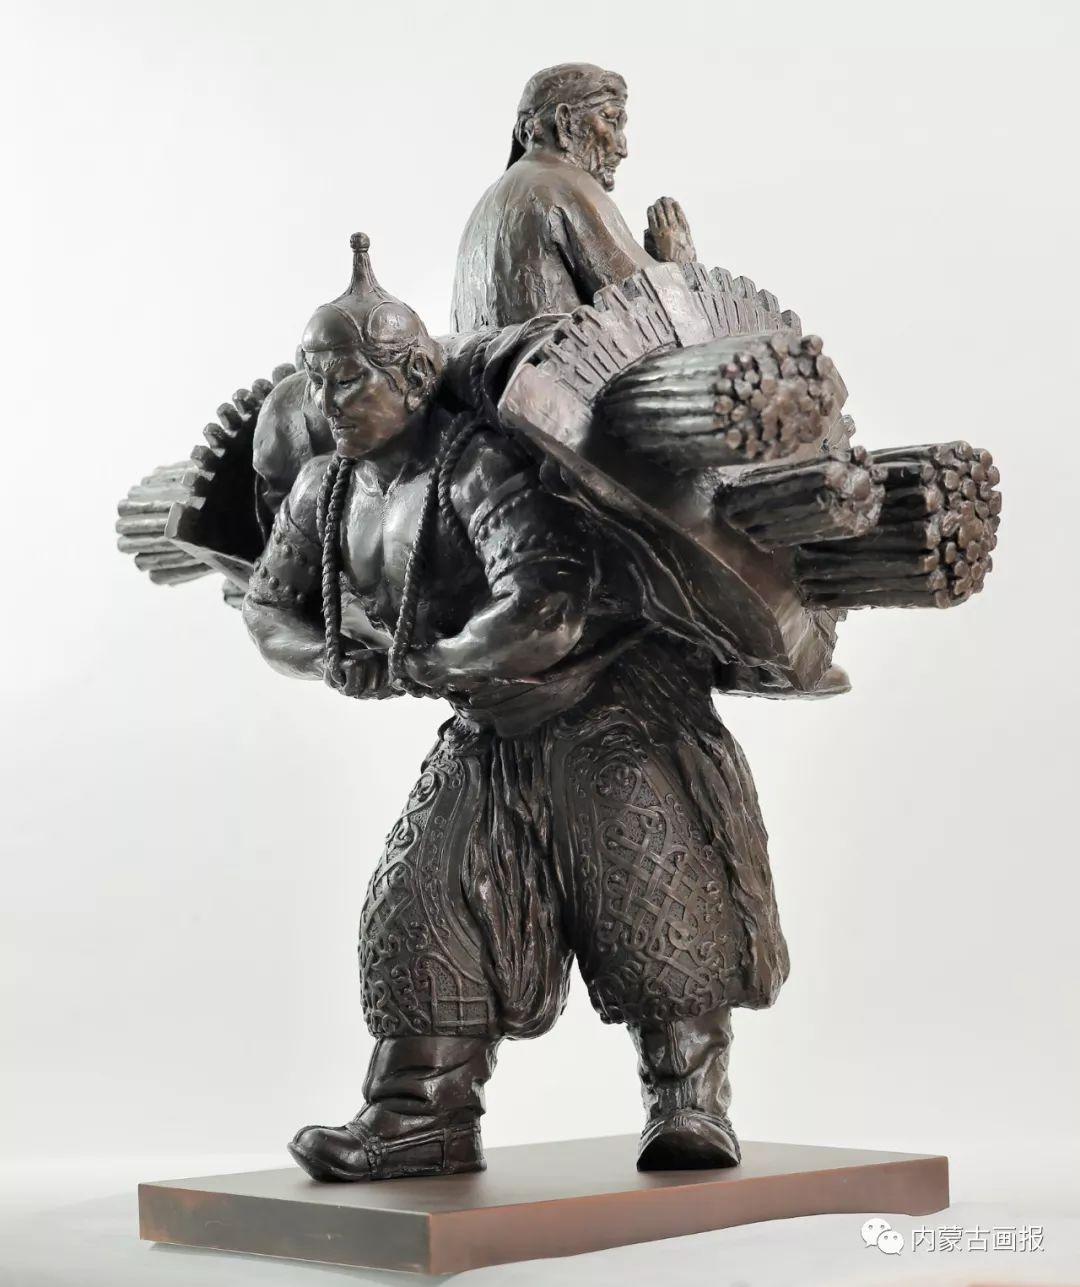 蒙古族雕塑艺术家铁木老师作品欣赏 ... 第10张 蒙古族雕塑艺术家铁木老师作品欣赏 ... 蒙古画廊